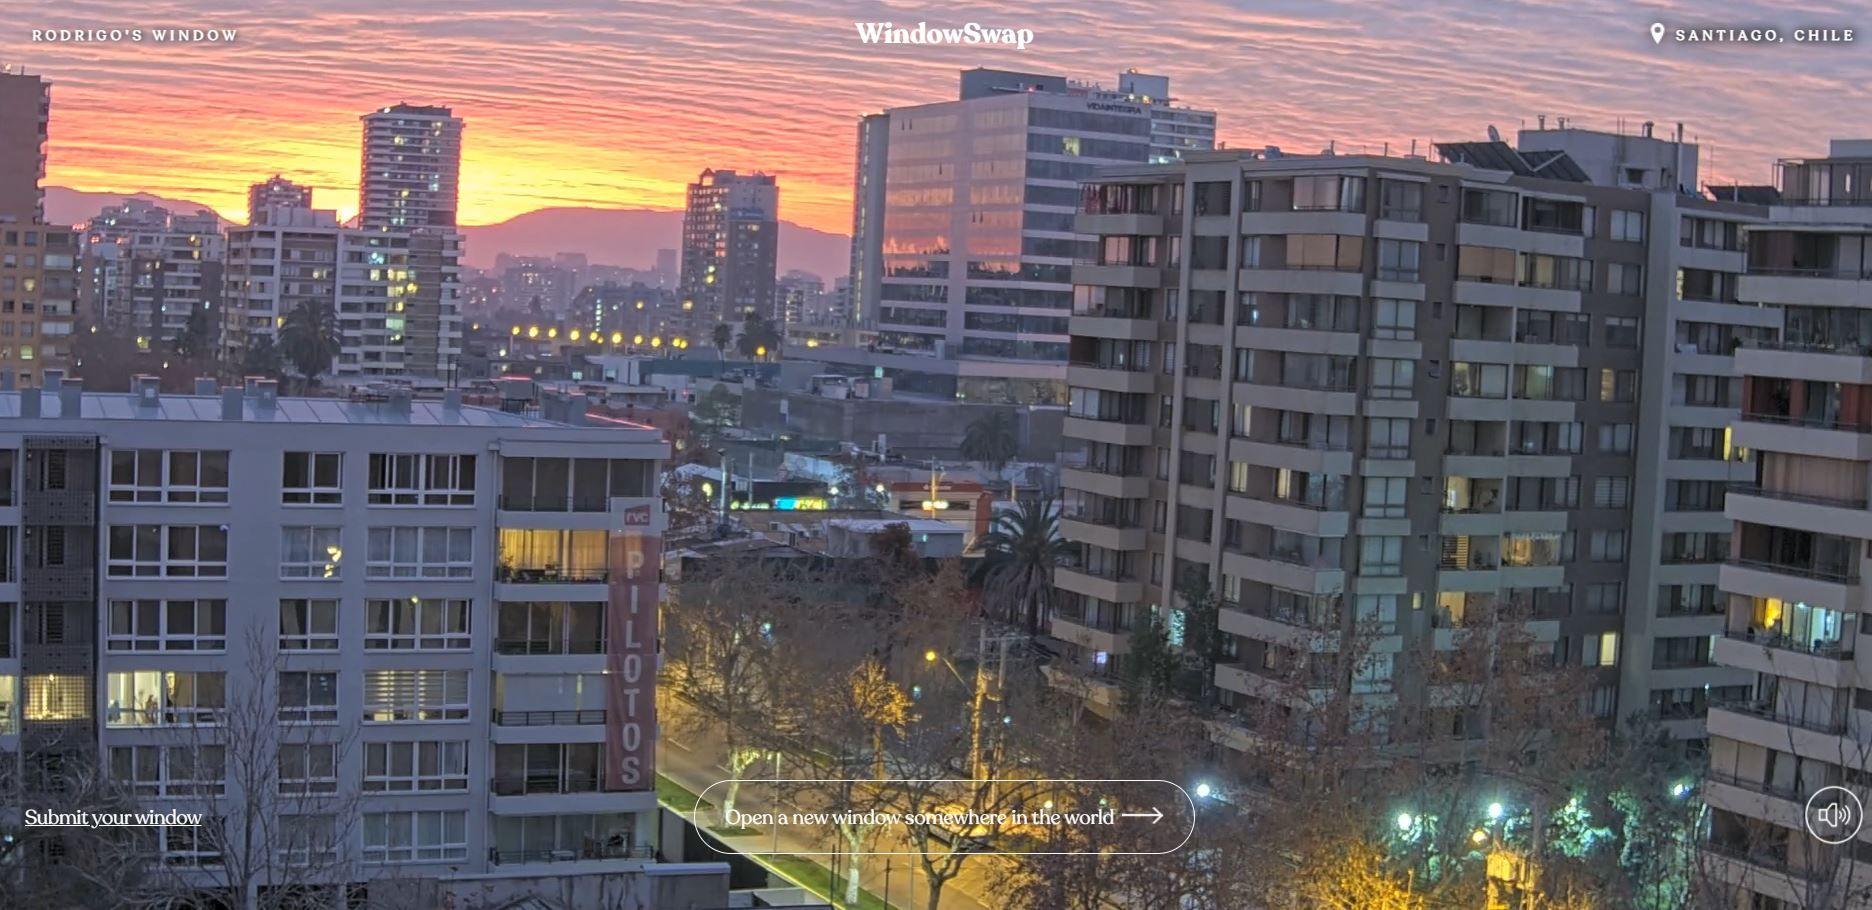 Στιγμιότυπο από παράθυρο στη Χιλή μέσω της εφαρμογής Window Swap